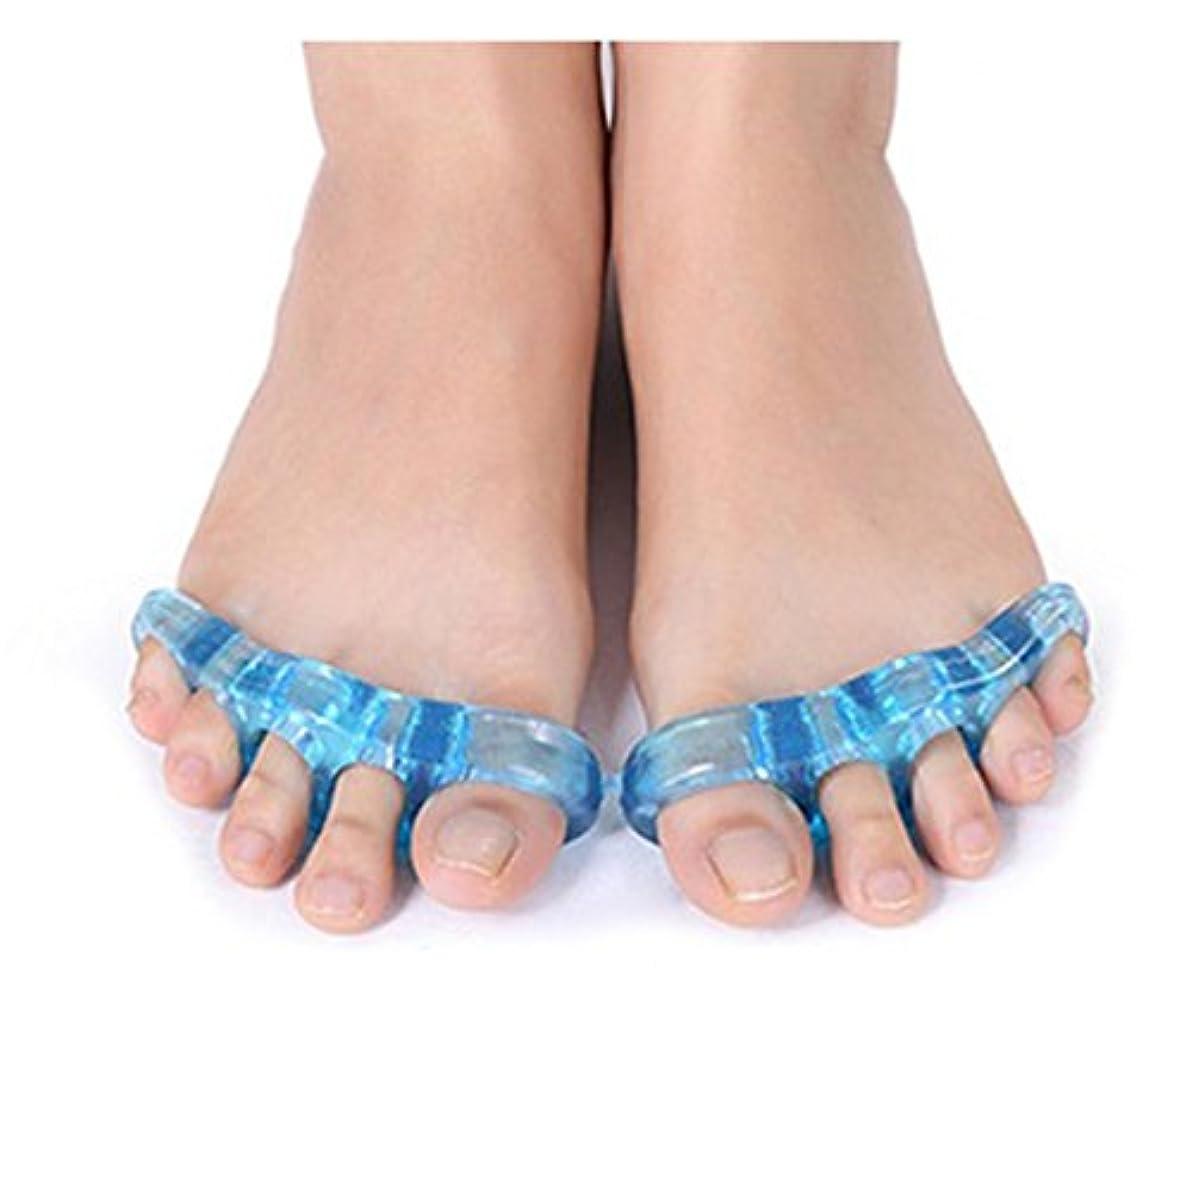 アーティキュレーション用心深いタイムリーな足指ストレッチパッド 広げる 足ゆび 5本指 両足セット 足指矯正 外反母趾 つま先 (大(約12cm))